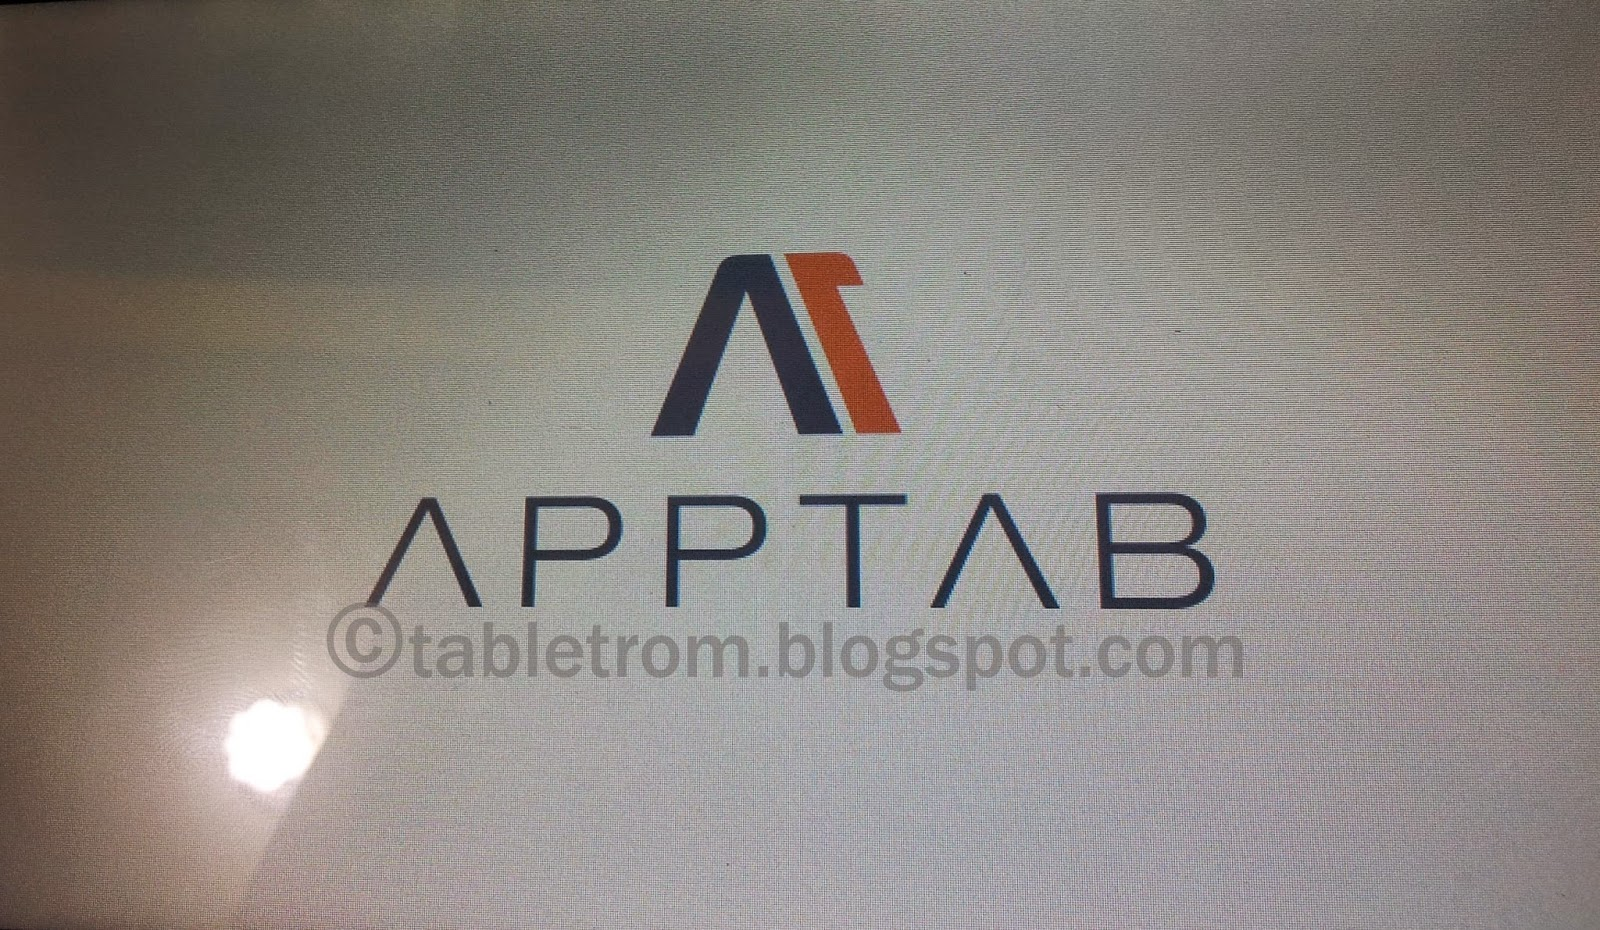 Runtah: Hard Reset 7 inch APPTAB Android Tablet RK3066 Rockchip